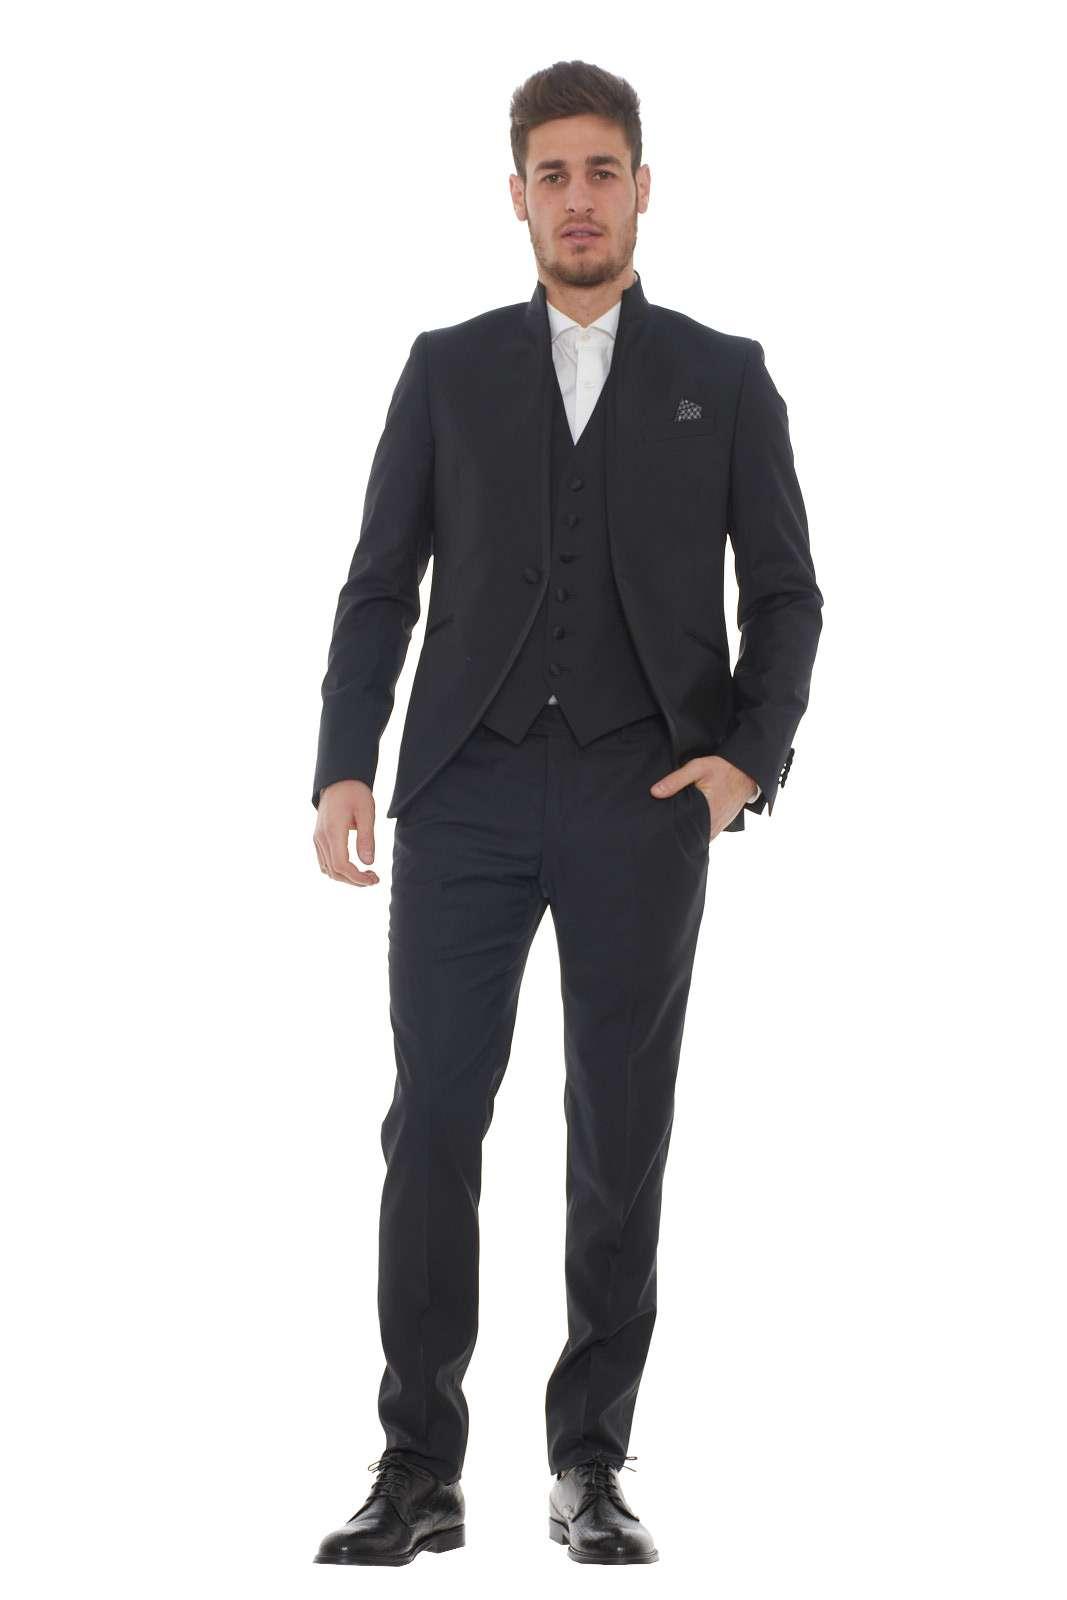 Un abito dall'eleganza di altri tempi questo firmato Manuel Ritz. Il gilet incluso dona un tocco classico, ad un capo che segue un look formale e giovanile come abitudine del marchio. Ogni dettaglio è curato, niente viene lasciato al caso, per una garanzia di stile. Il modello è alto 1.80m e indossa la taglia 48.